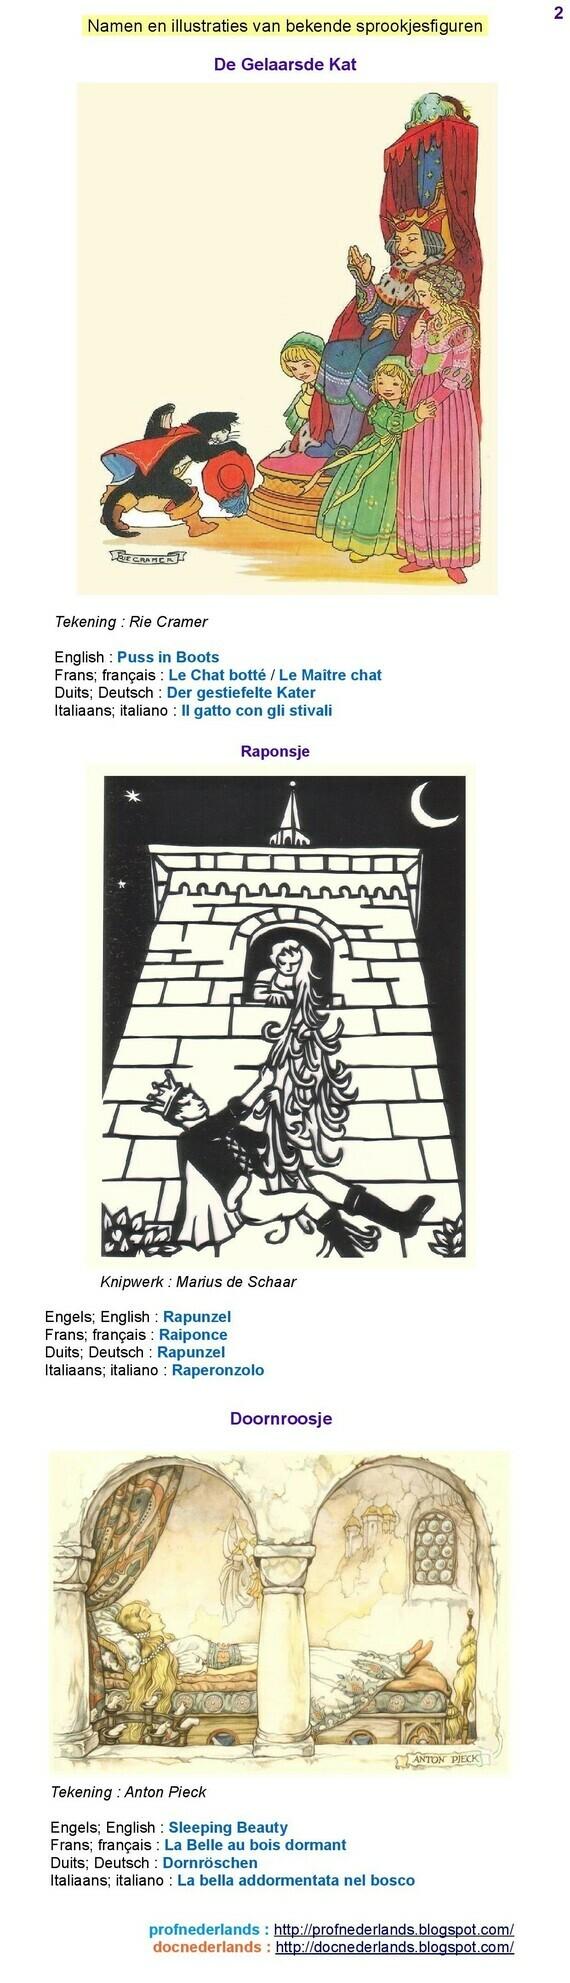 Namen van sprookjesfiguren (2)